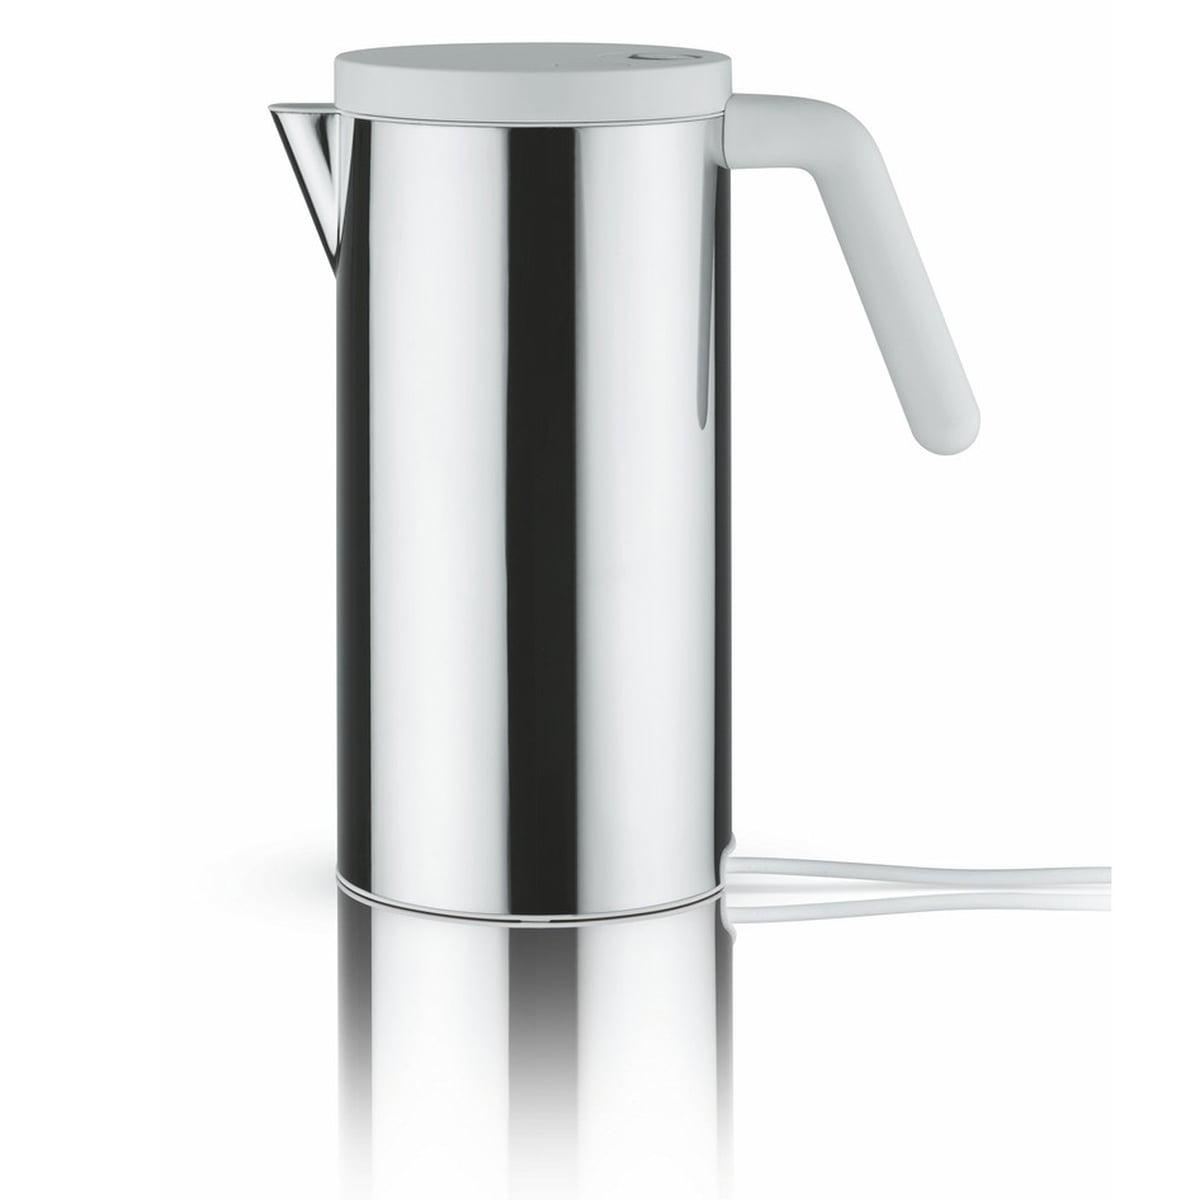 Alessi - Hot.it elektrischer Wasserkocher, 1.4 l, weiß   Küche und Esszimmer > Küchengeräte > Wasserkocher   Weiß   Alessi